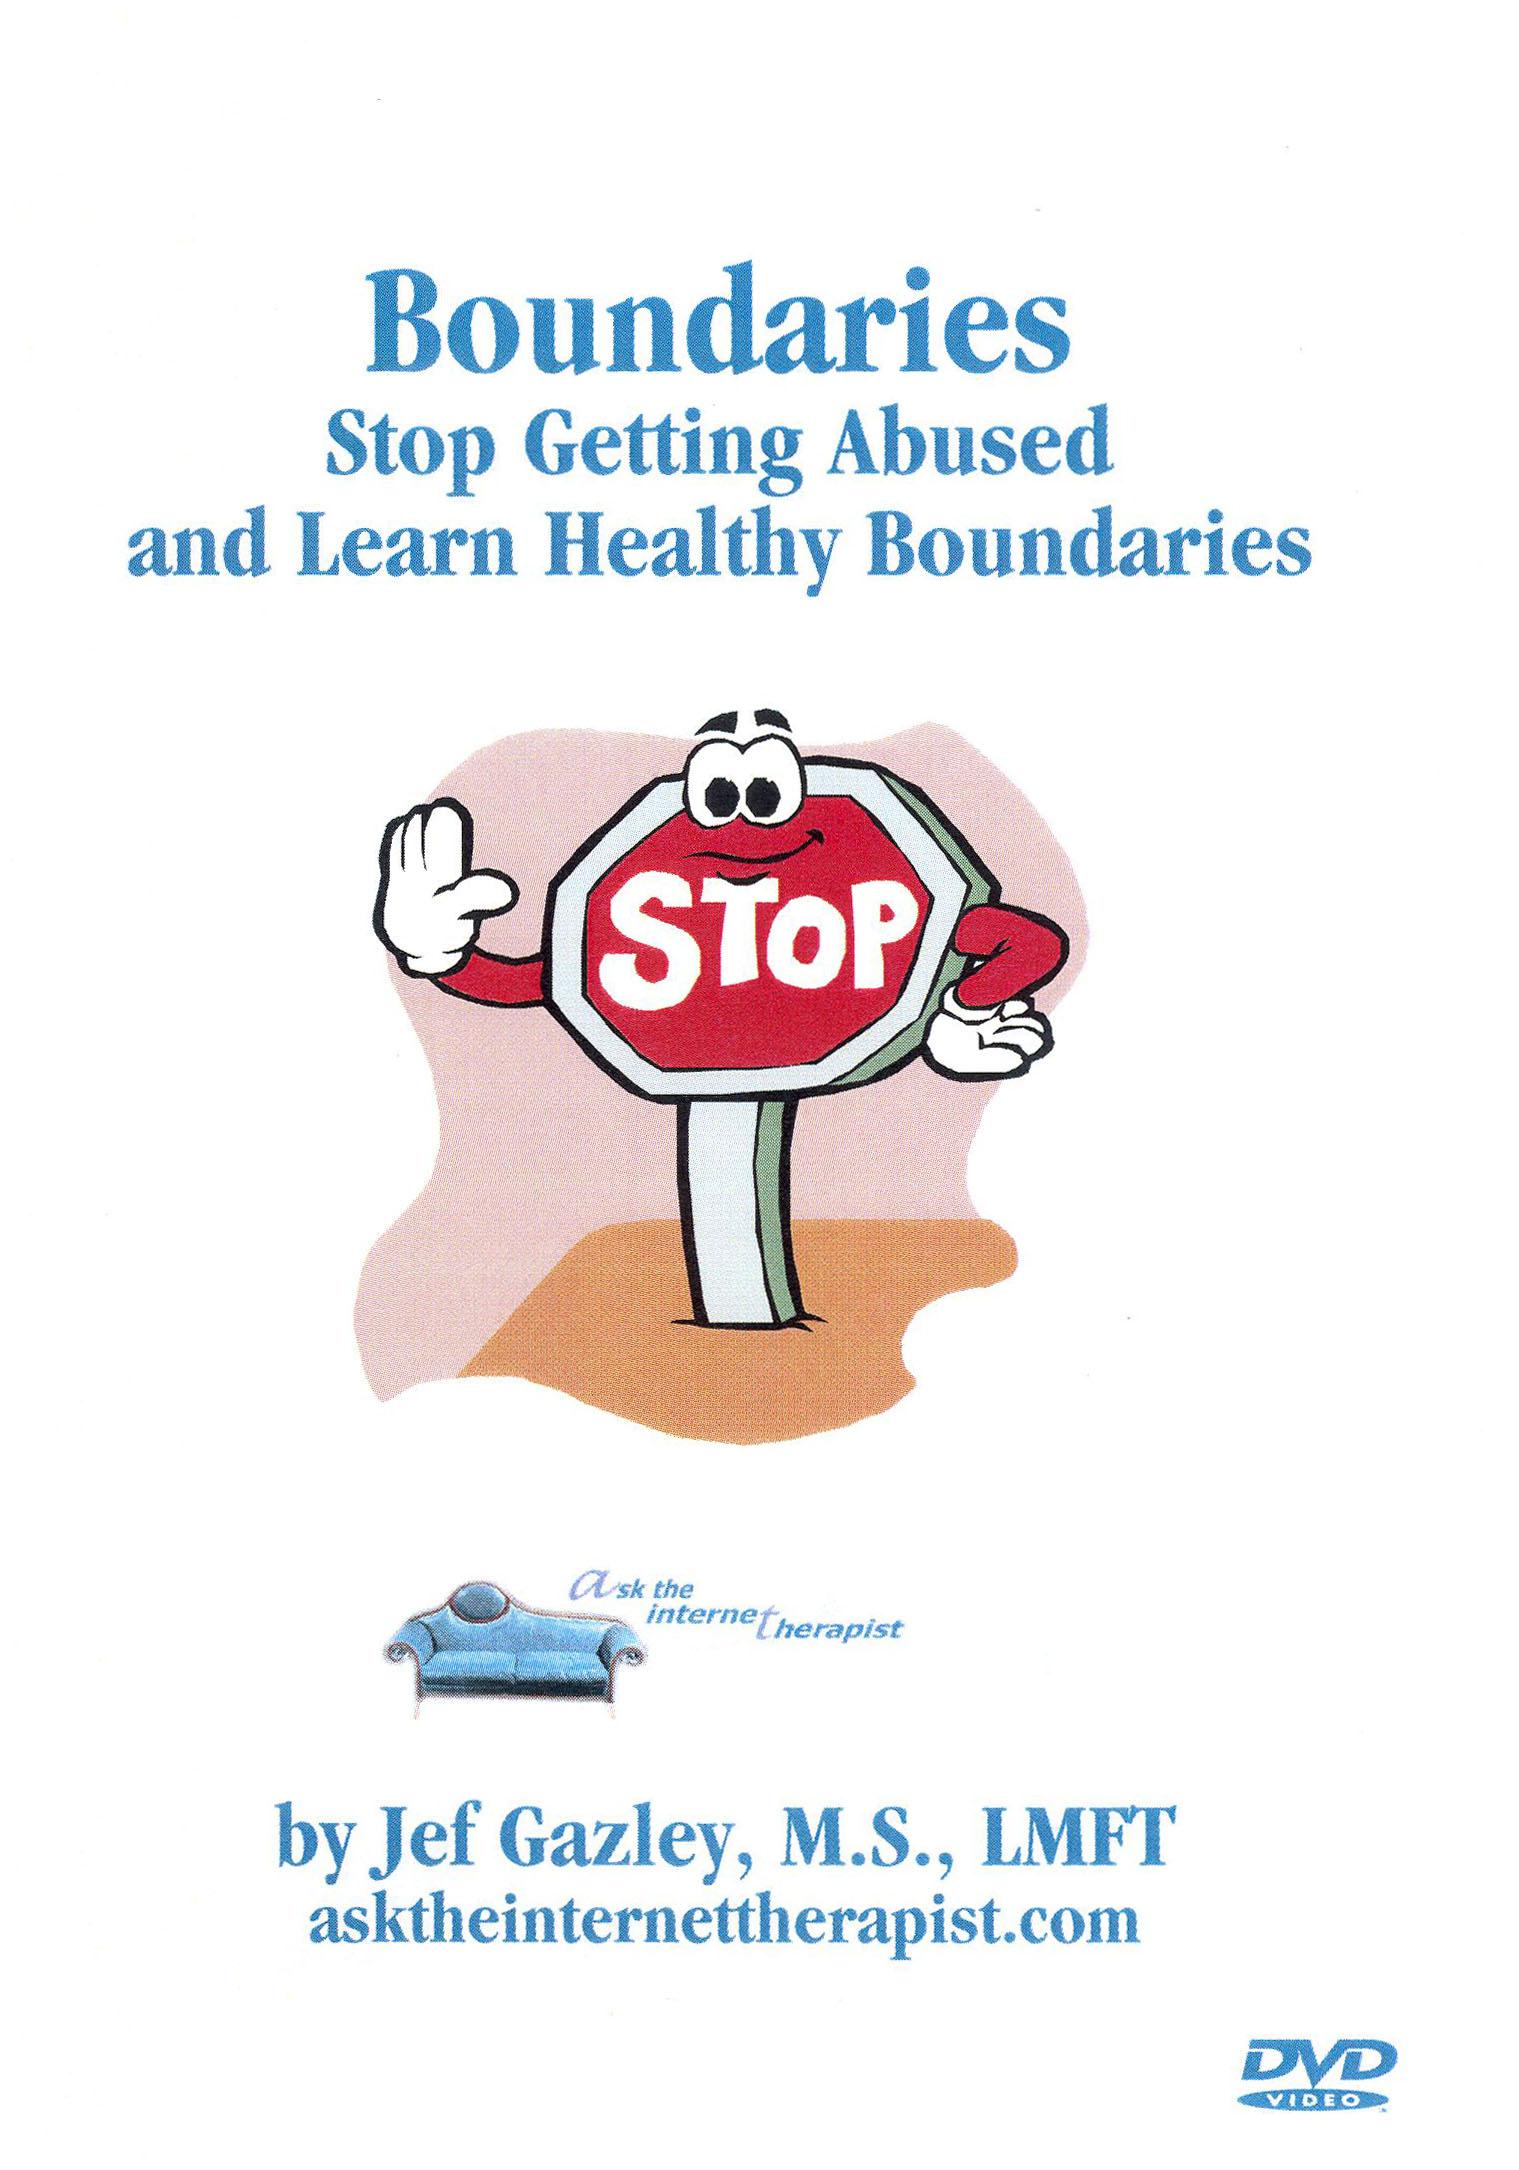 Boundaries Self-Help: Stop Getting Abused and Learn Healthy Boundaries